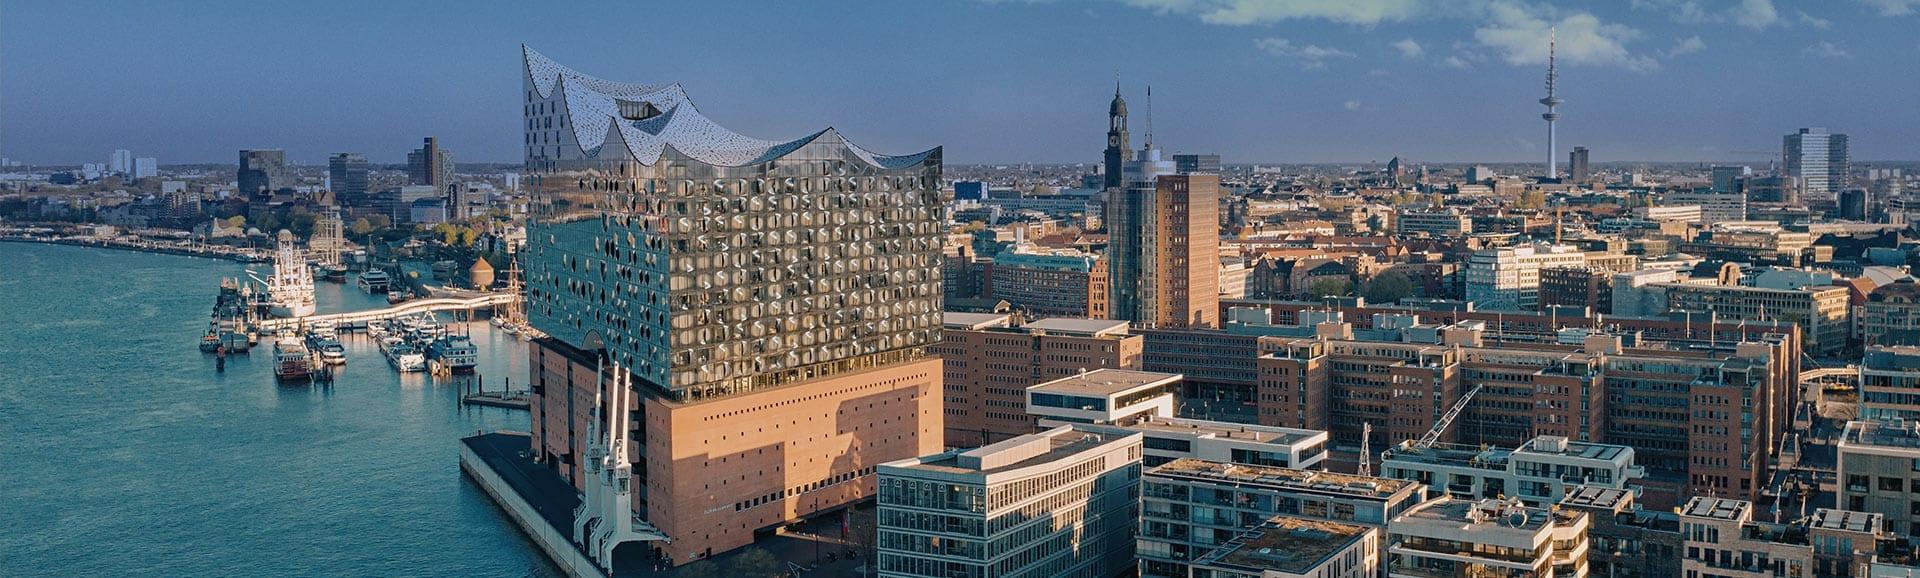 Blick über Hamburger Elbe und Elbphilharmonie